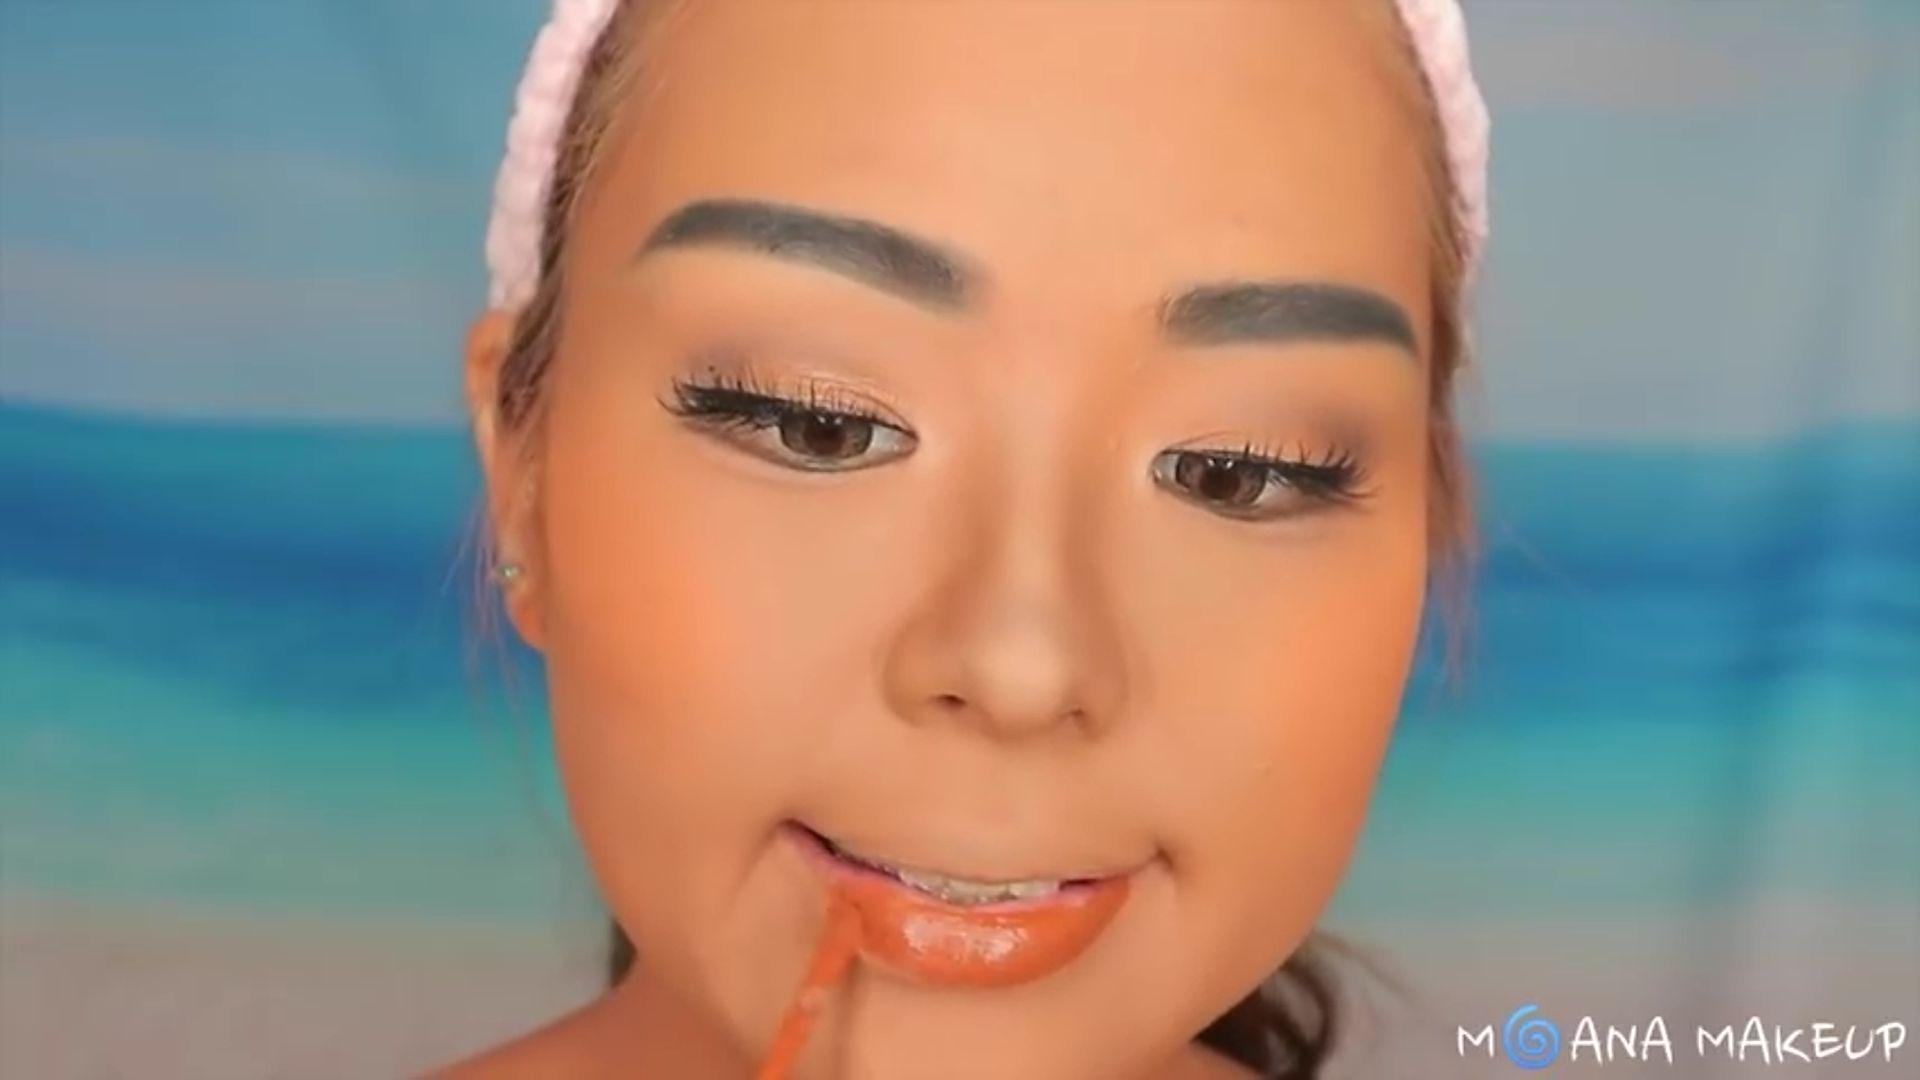 Maquíllate como Moana fukuse yuuriマリリン 2020. labial liquido color ladrillo